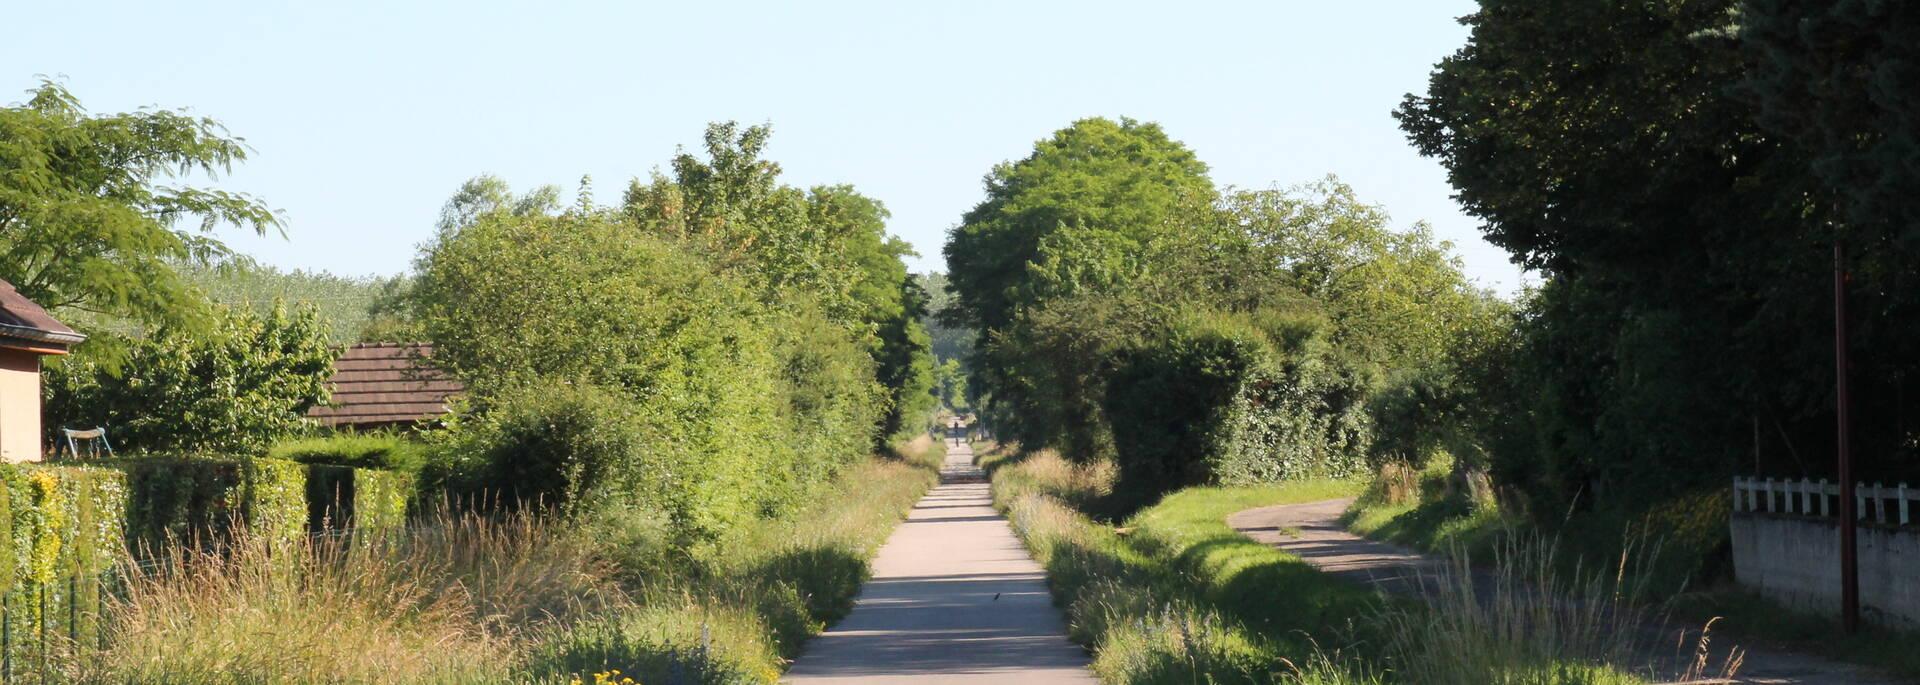 Givry voies vertes - © Office de Tourisme